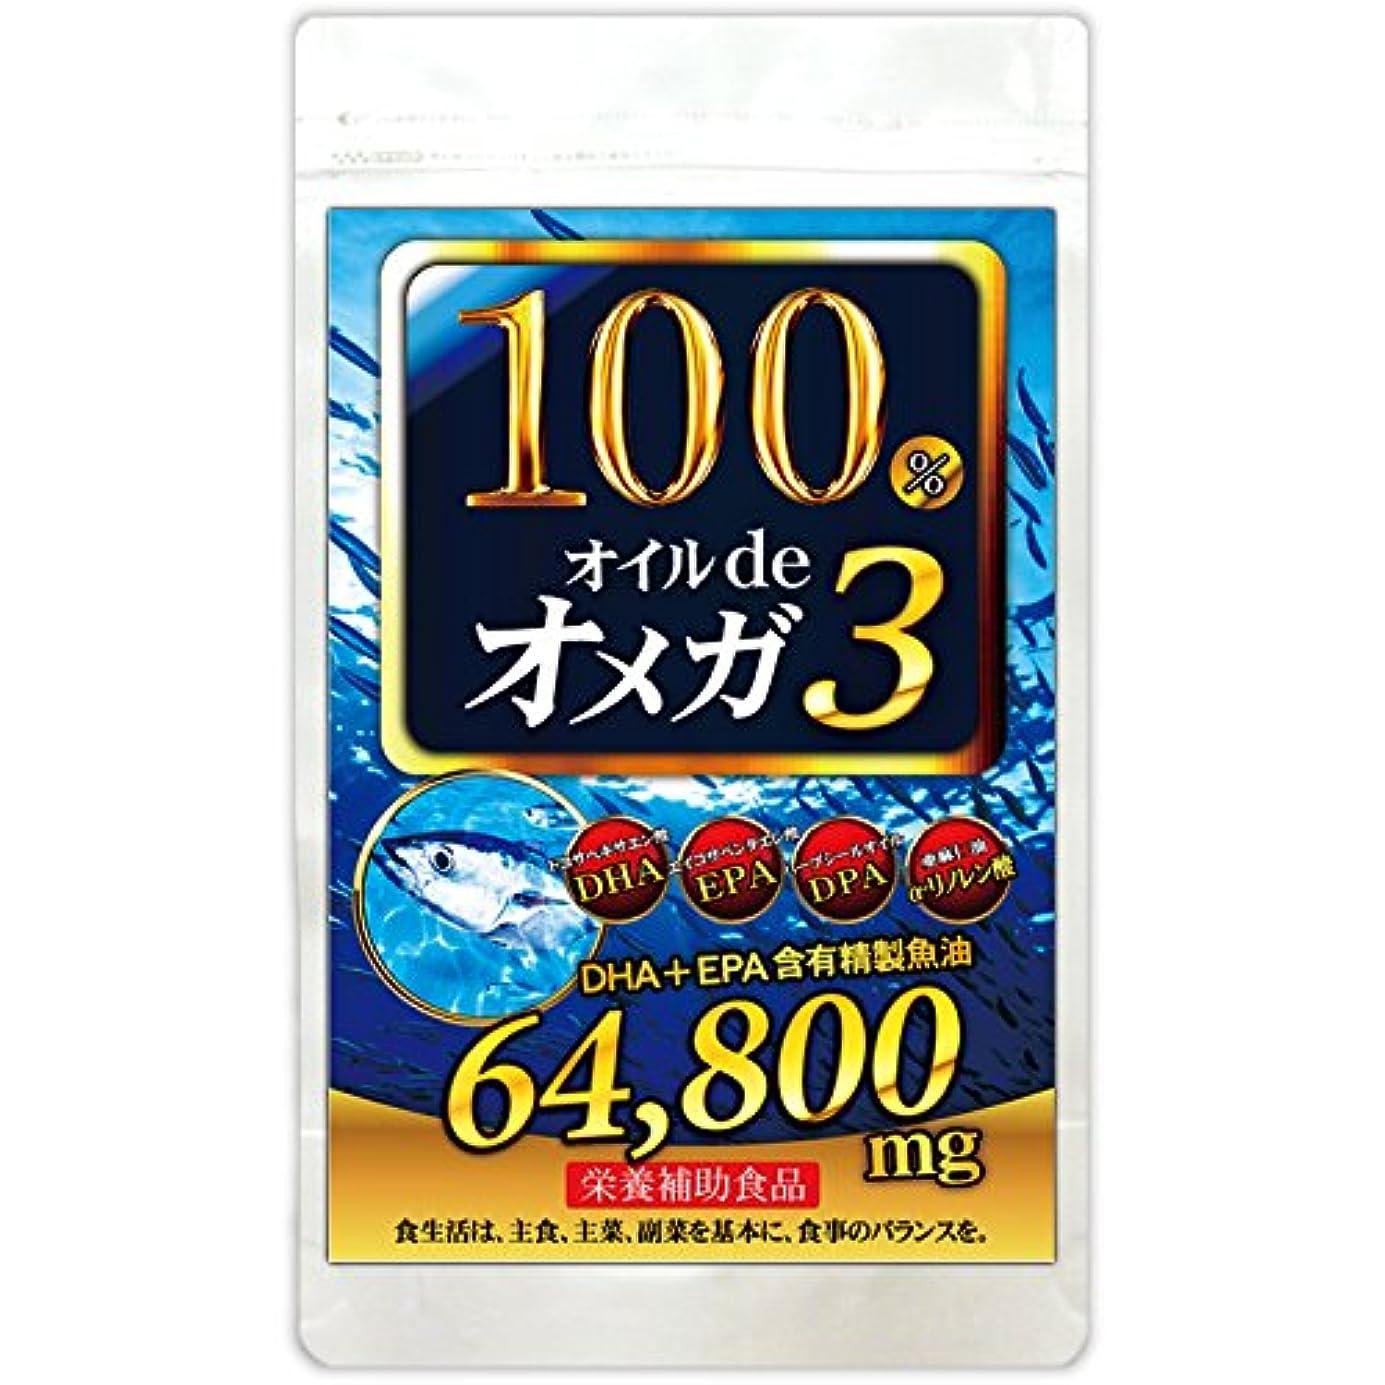 ホップピッチャーあまりにも(約6ヵ月分/180粒)オメガ3(DHA+EPA)など健康油12種類を100%限界配合詰め!100%オイルdeオメガ3